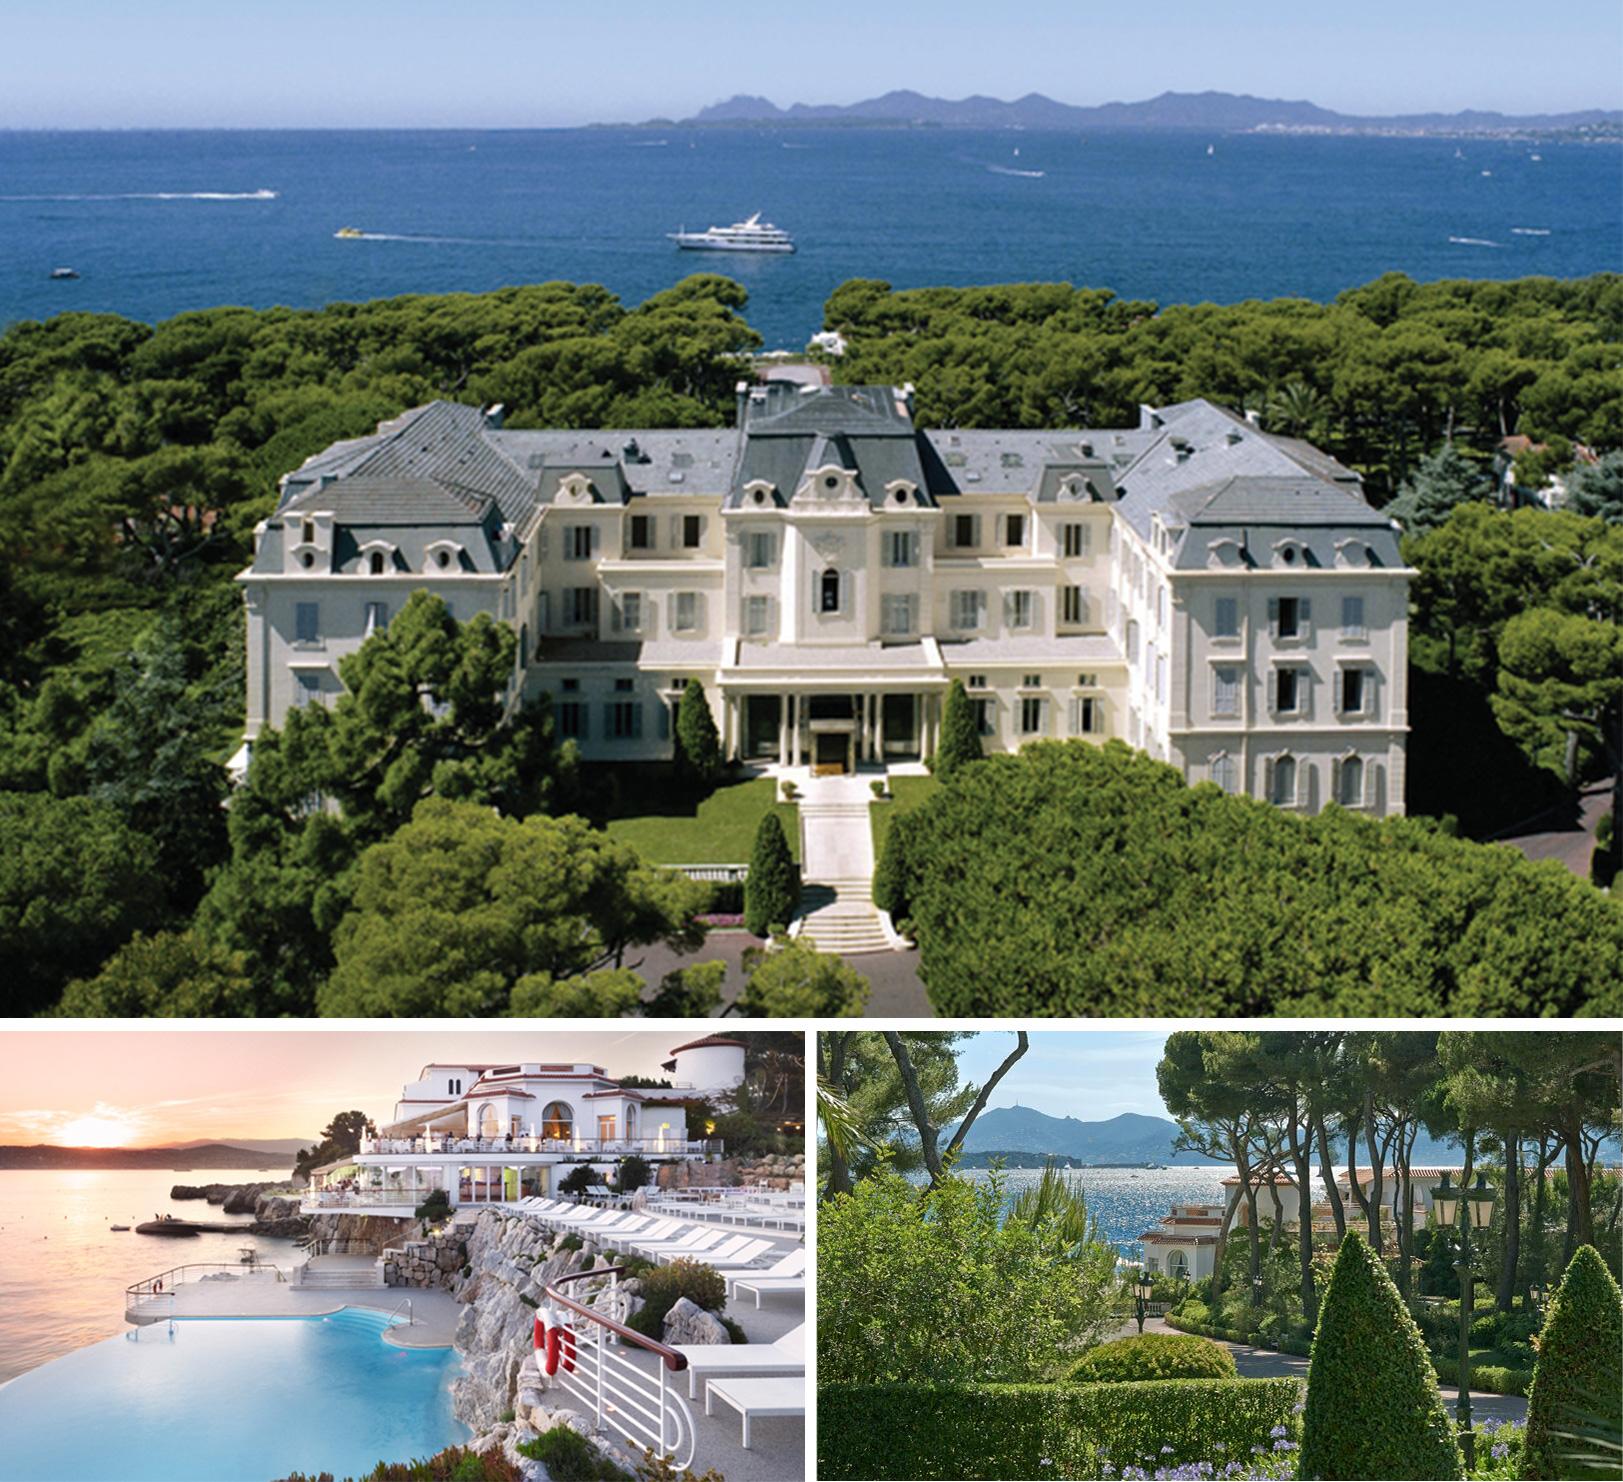 Grand hotel du palais royal paris black tomato - 6 Hotel Du Cap Eden Roc Cap D Antibes